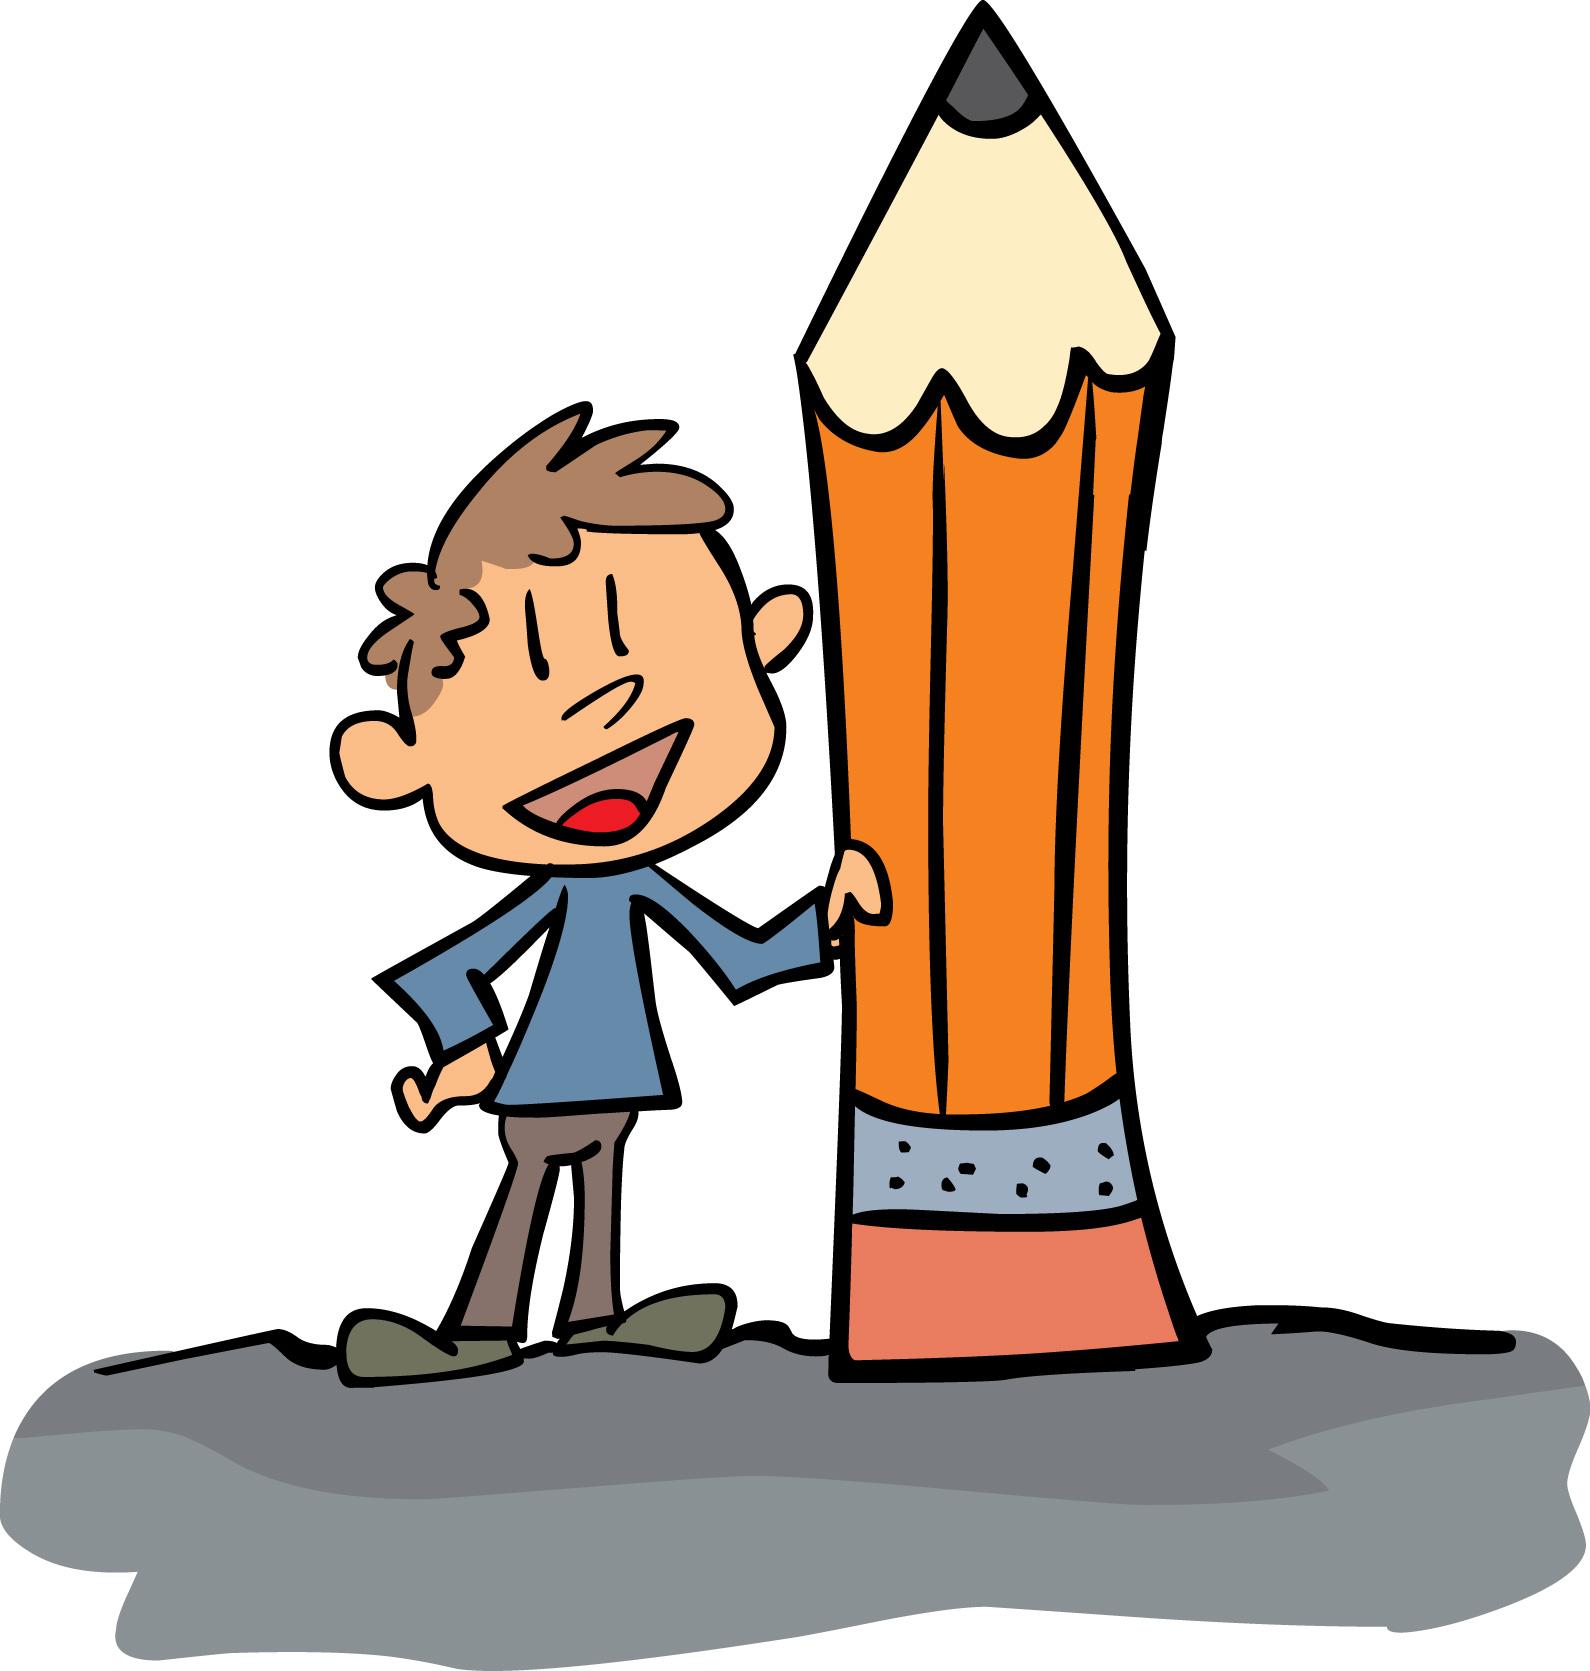 Clip Art Free Animated Clipart free animated clipart for teachers best teacher school clipart